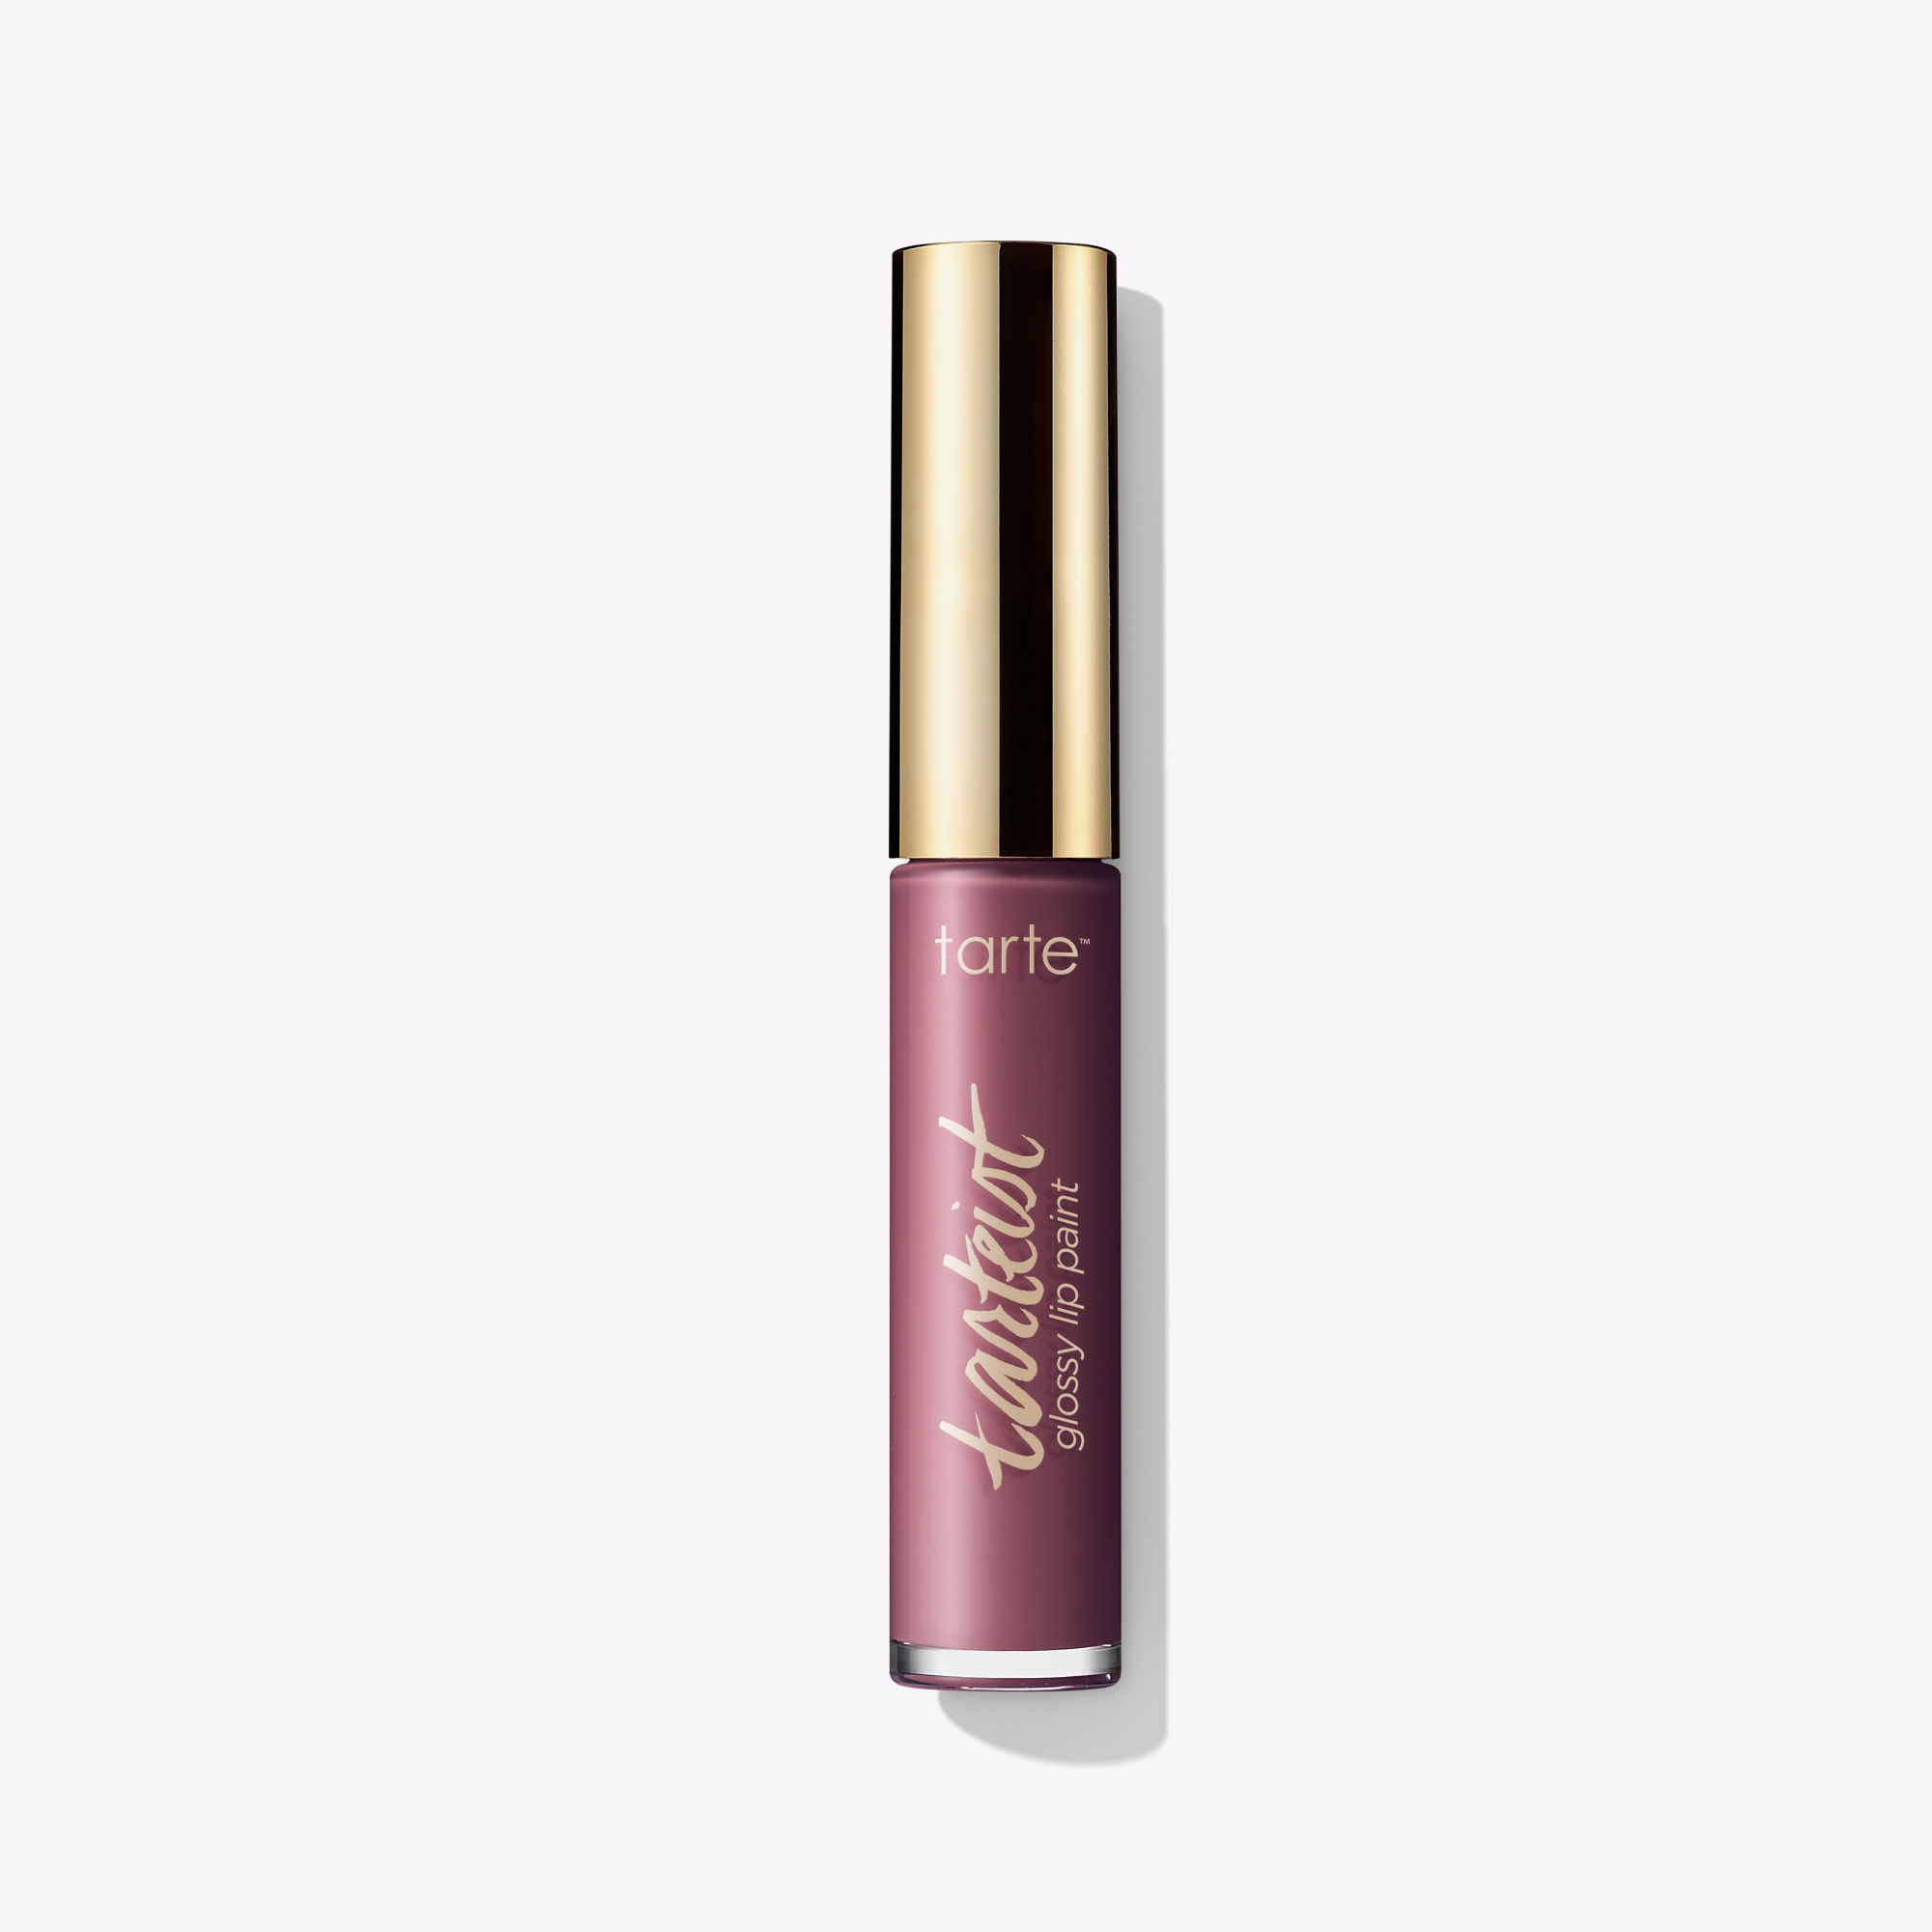 tarte Tarteist Glossy Lip Paint